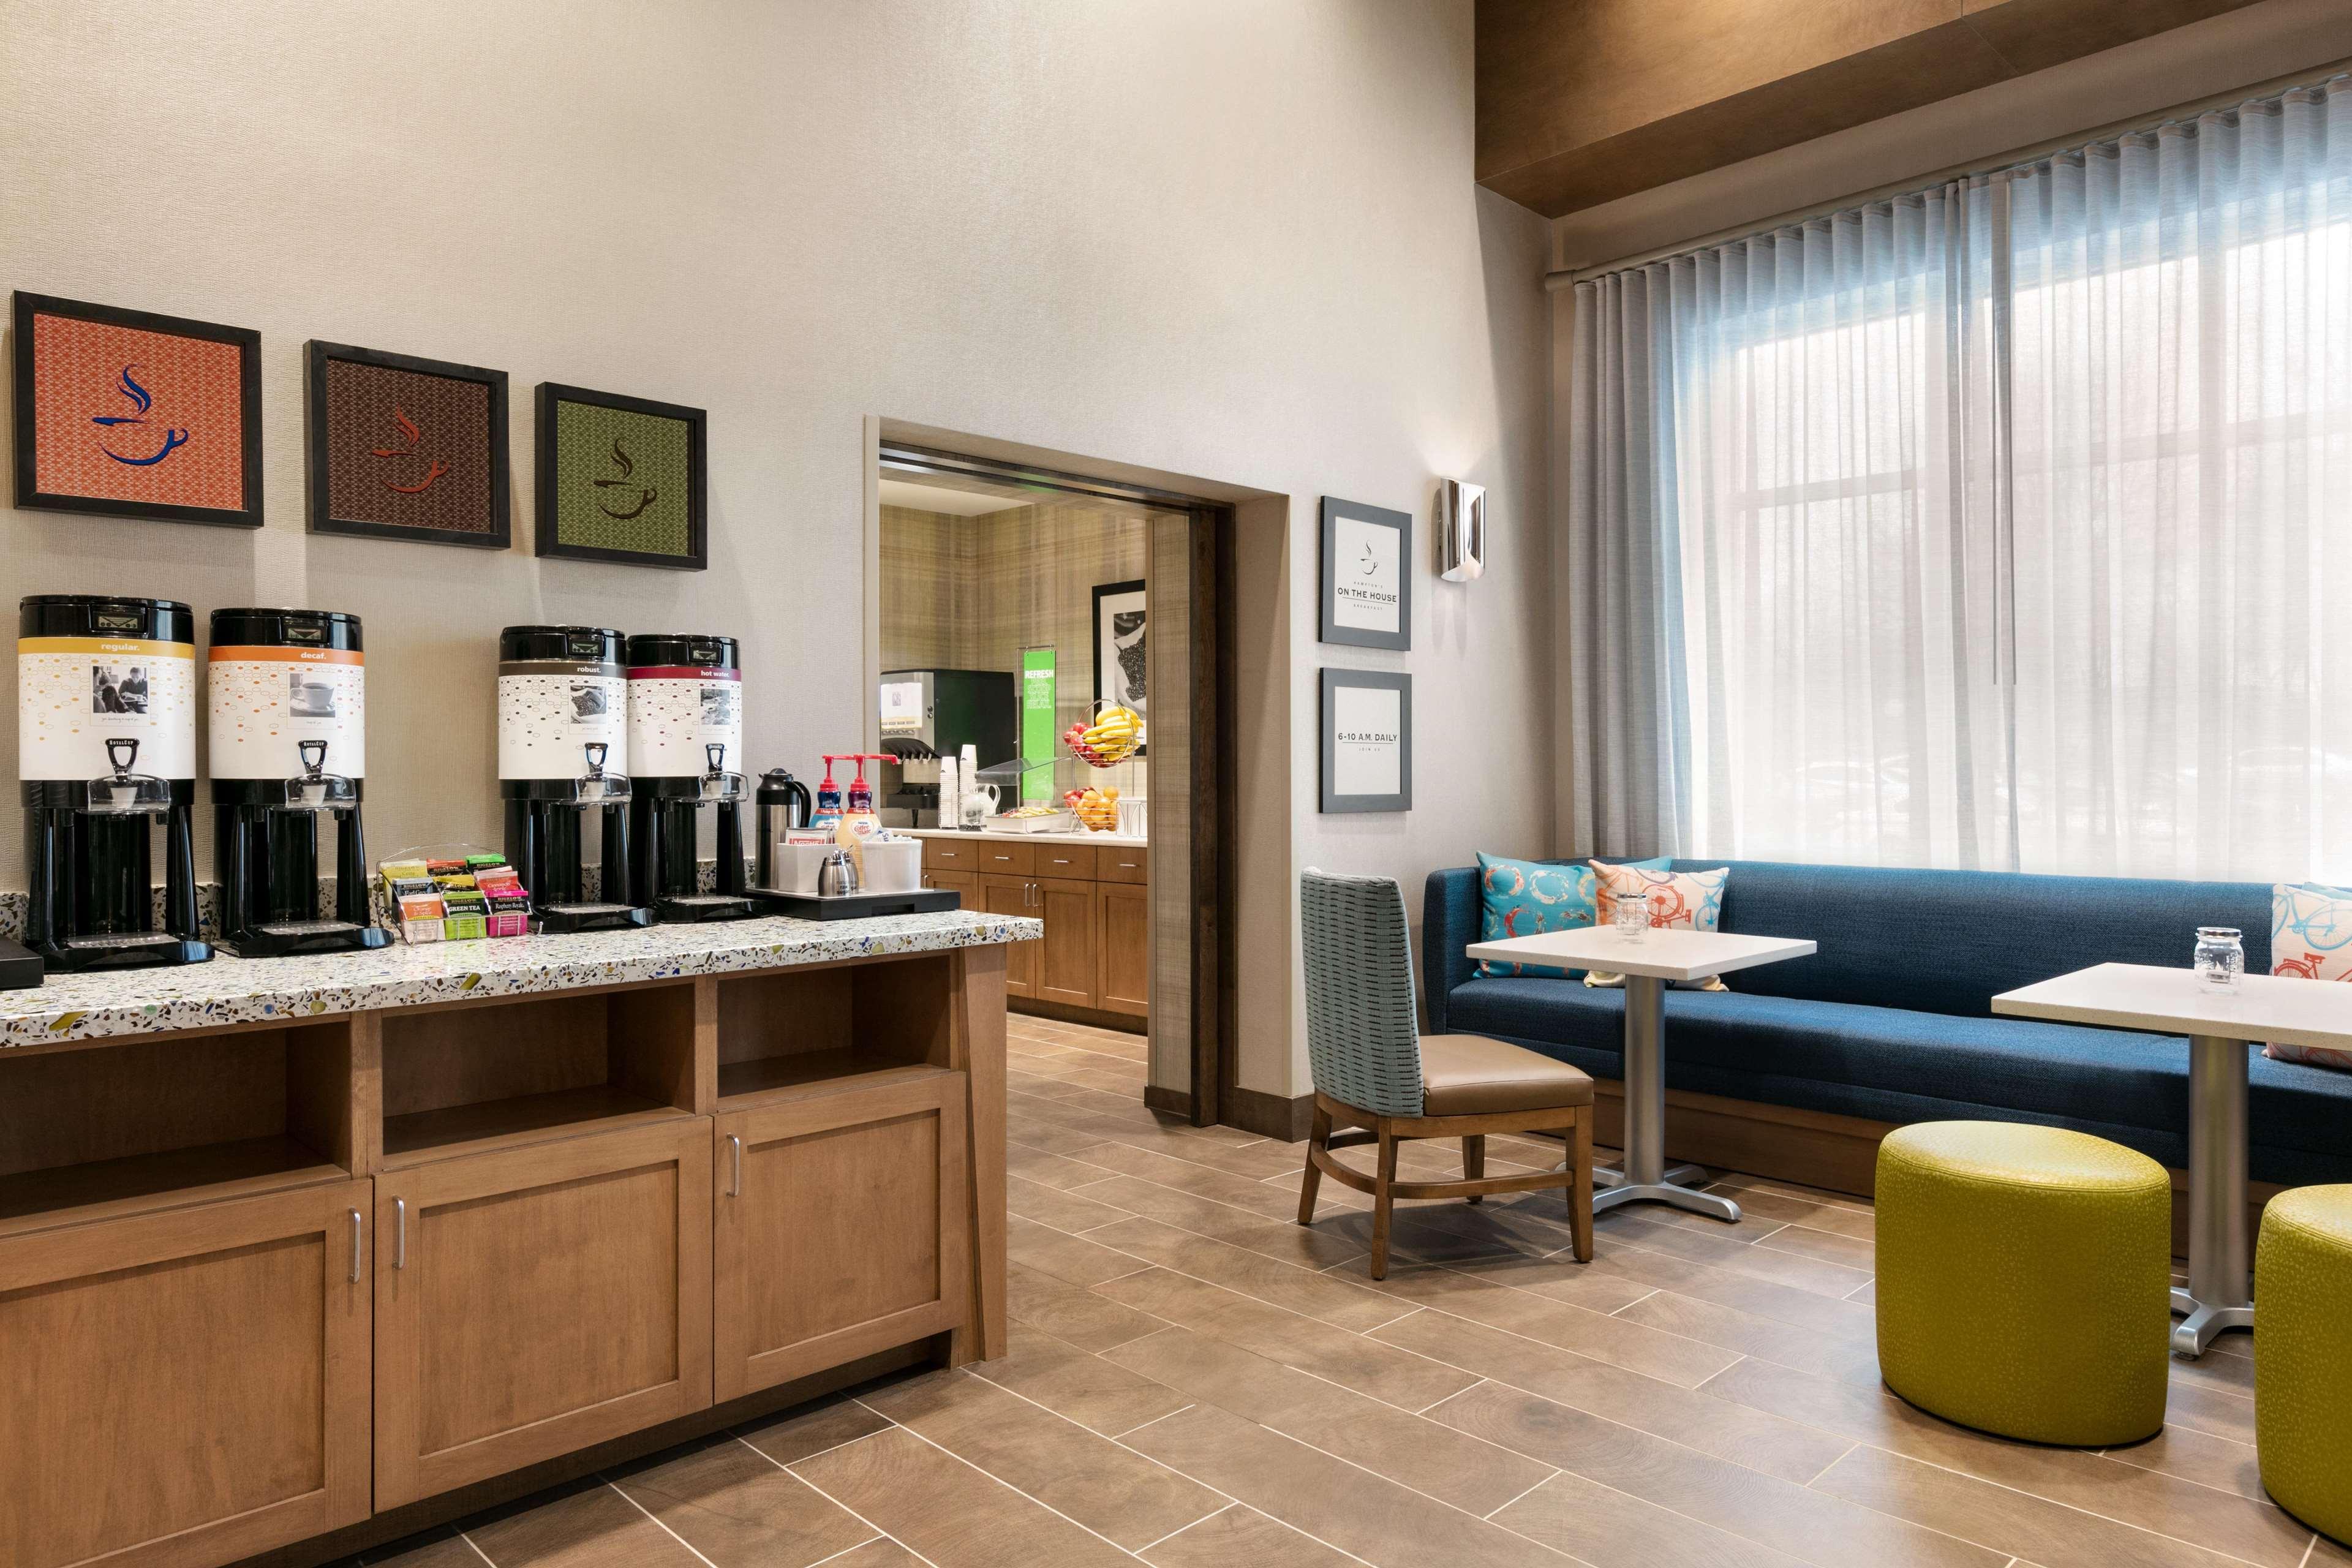 Hampton Inn and Suites Johns Creek image 10